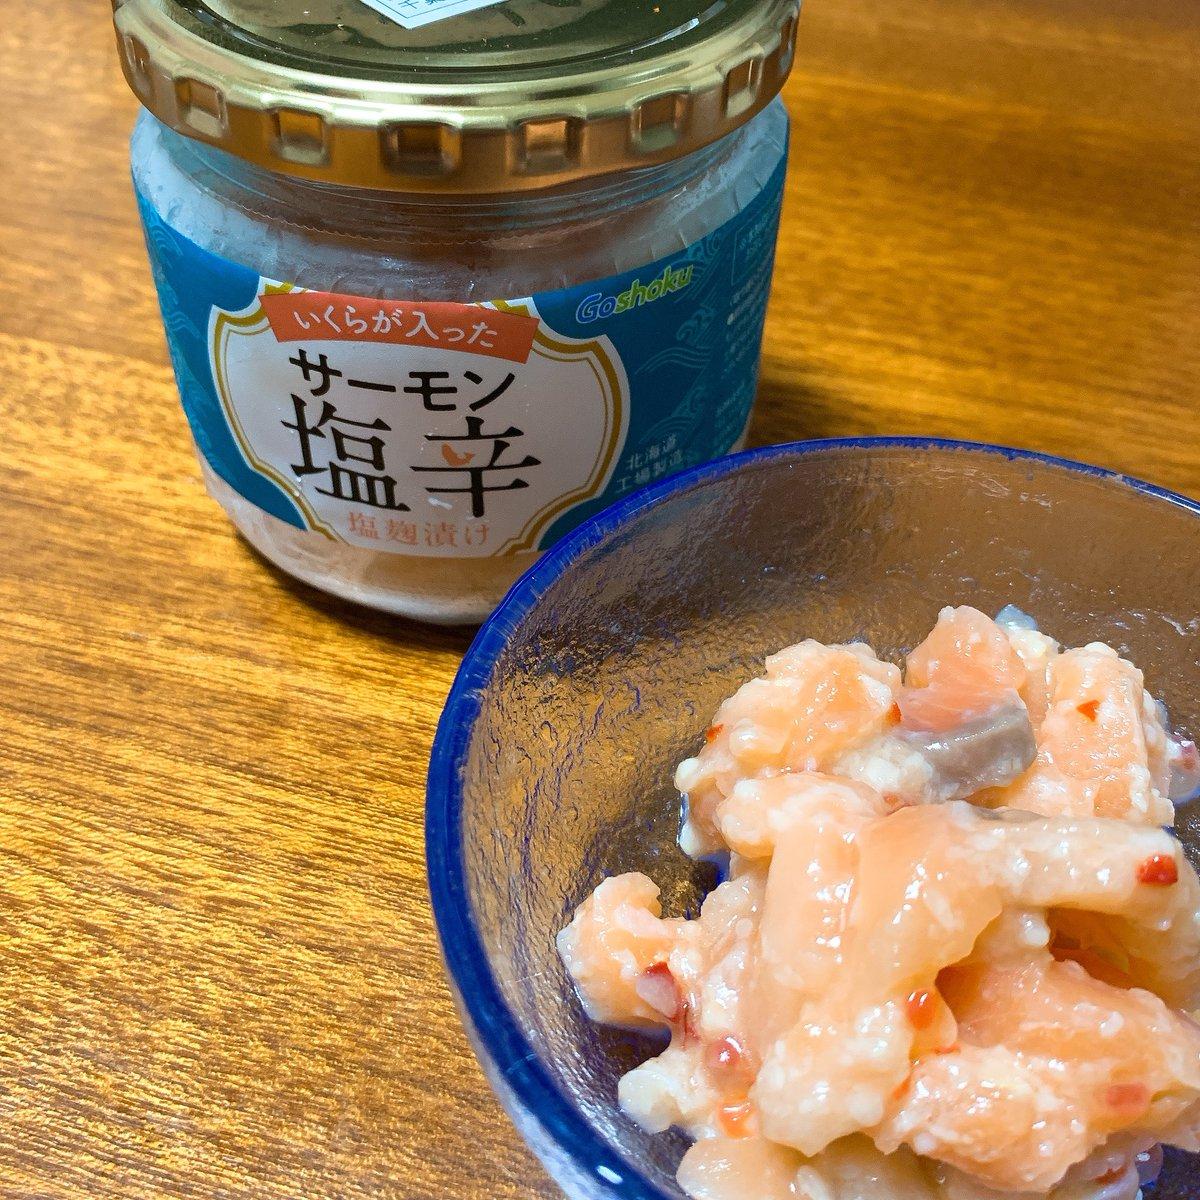 コストコ サーモン 塩辛 コストコサーモン塩辛 塩麹味がご飯のお供にピッタリ!食欲そそる一品